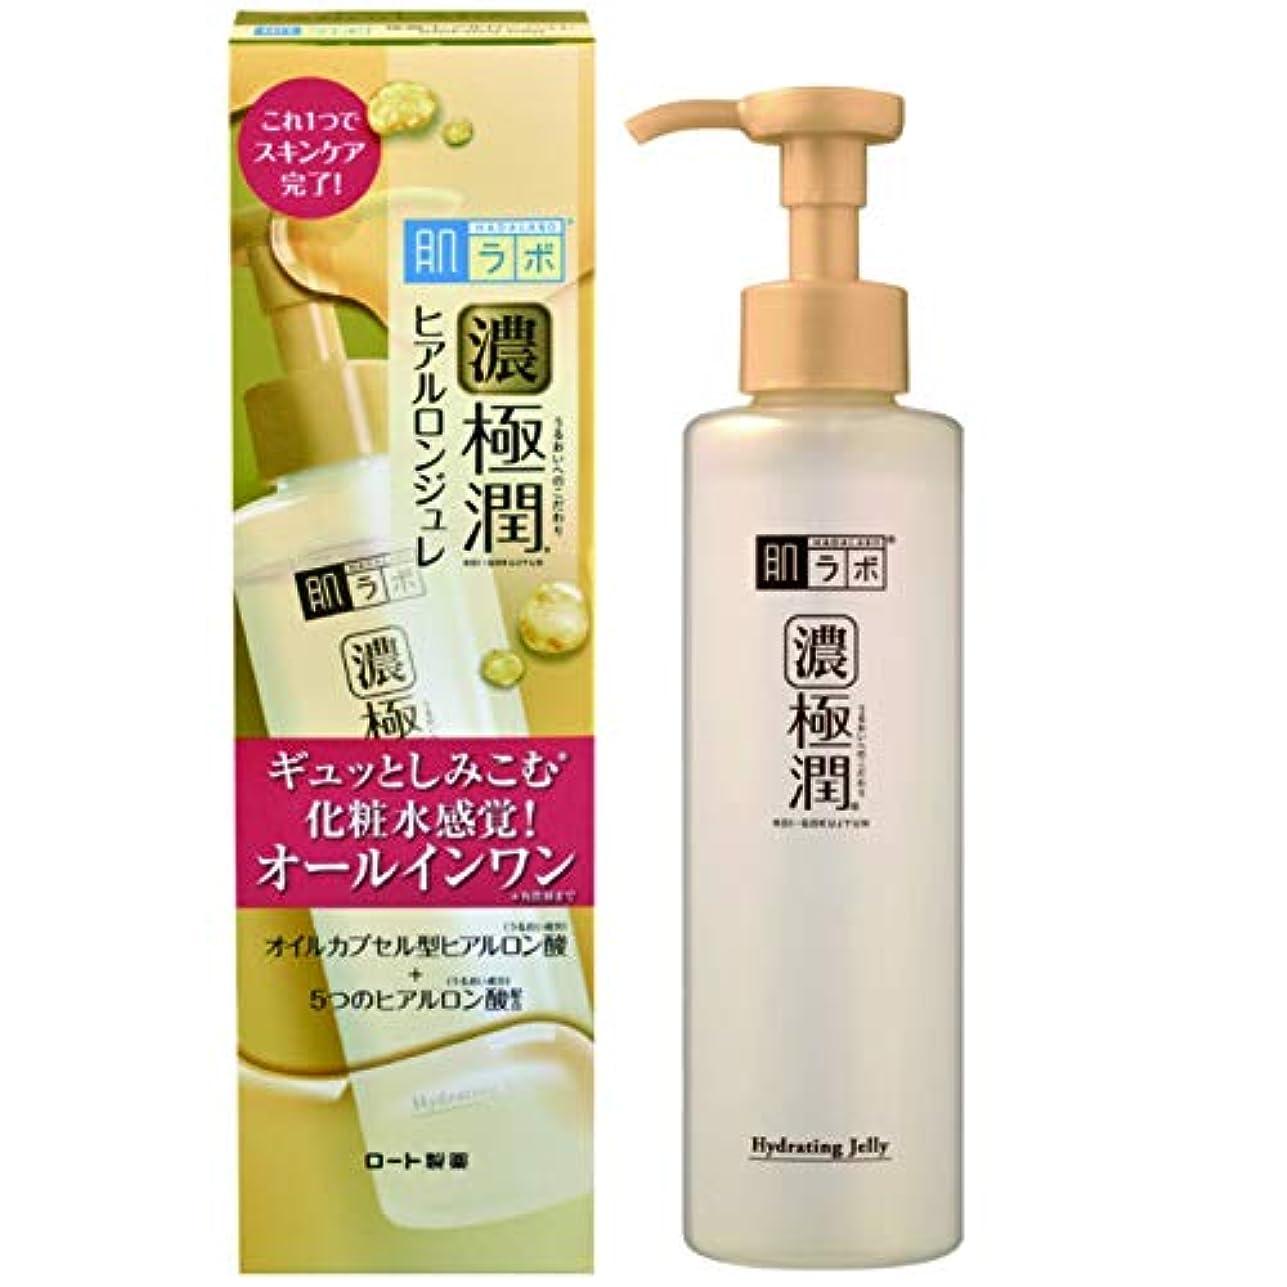 資格情報発揮する日食肌ラボ 極潤 ヒアルロンジュレ 美容液 無香料 180mL